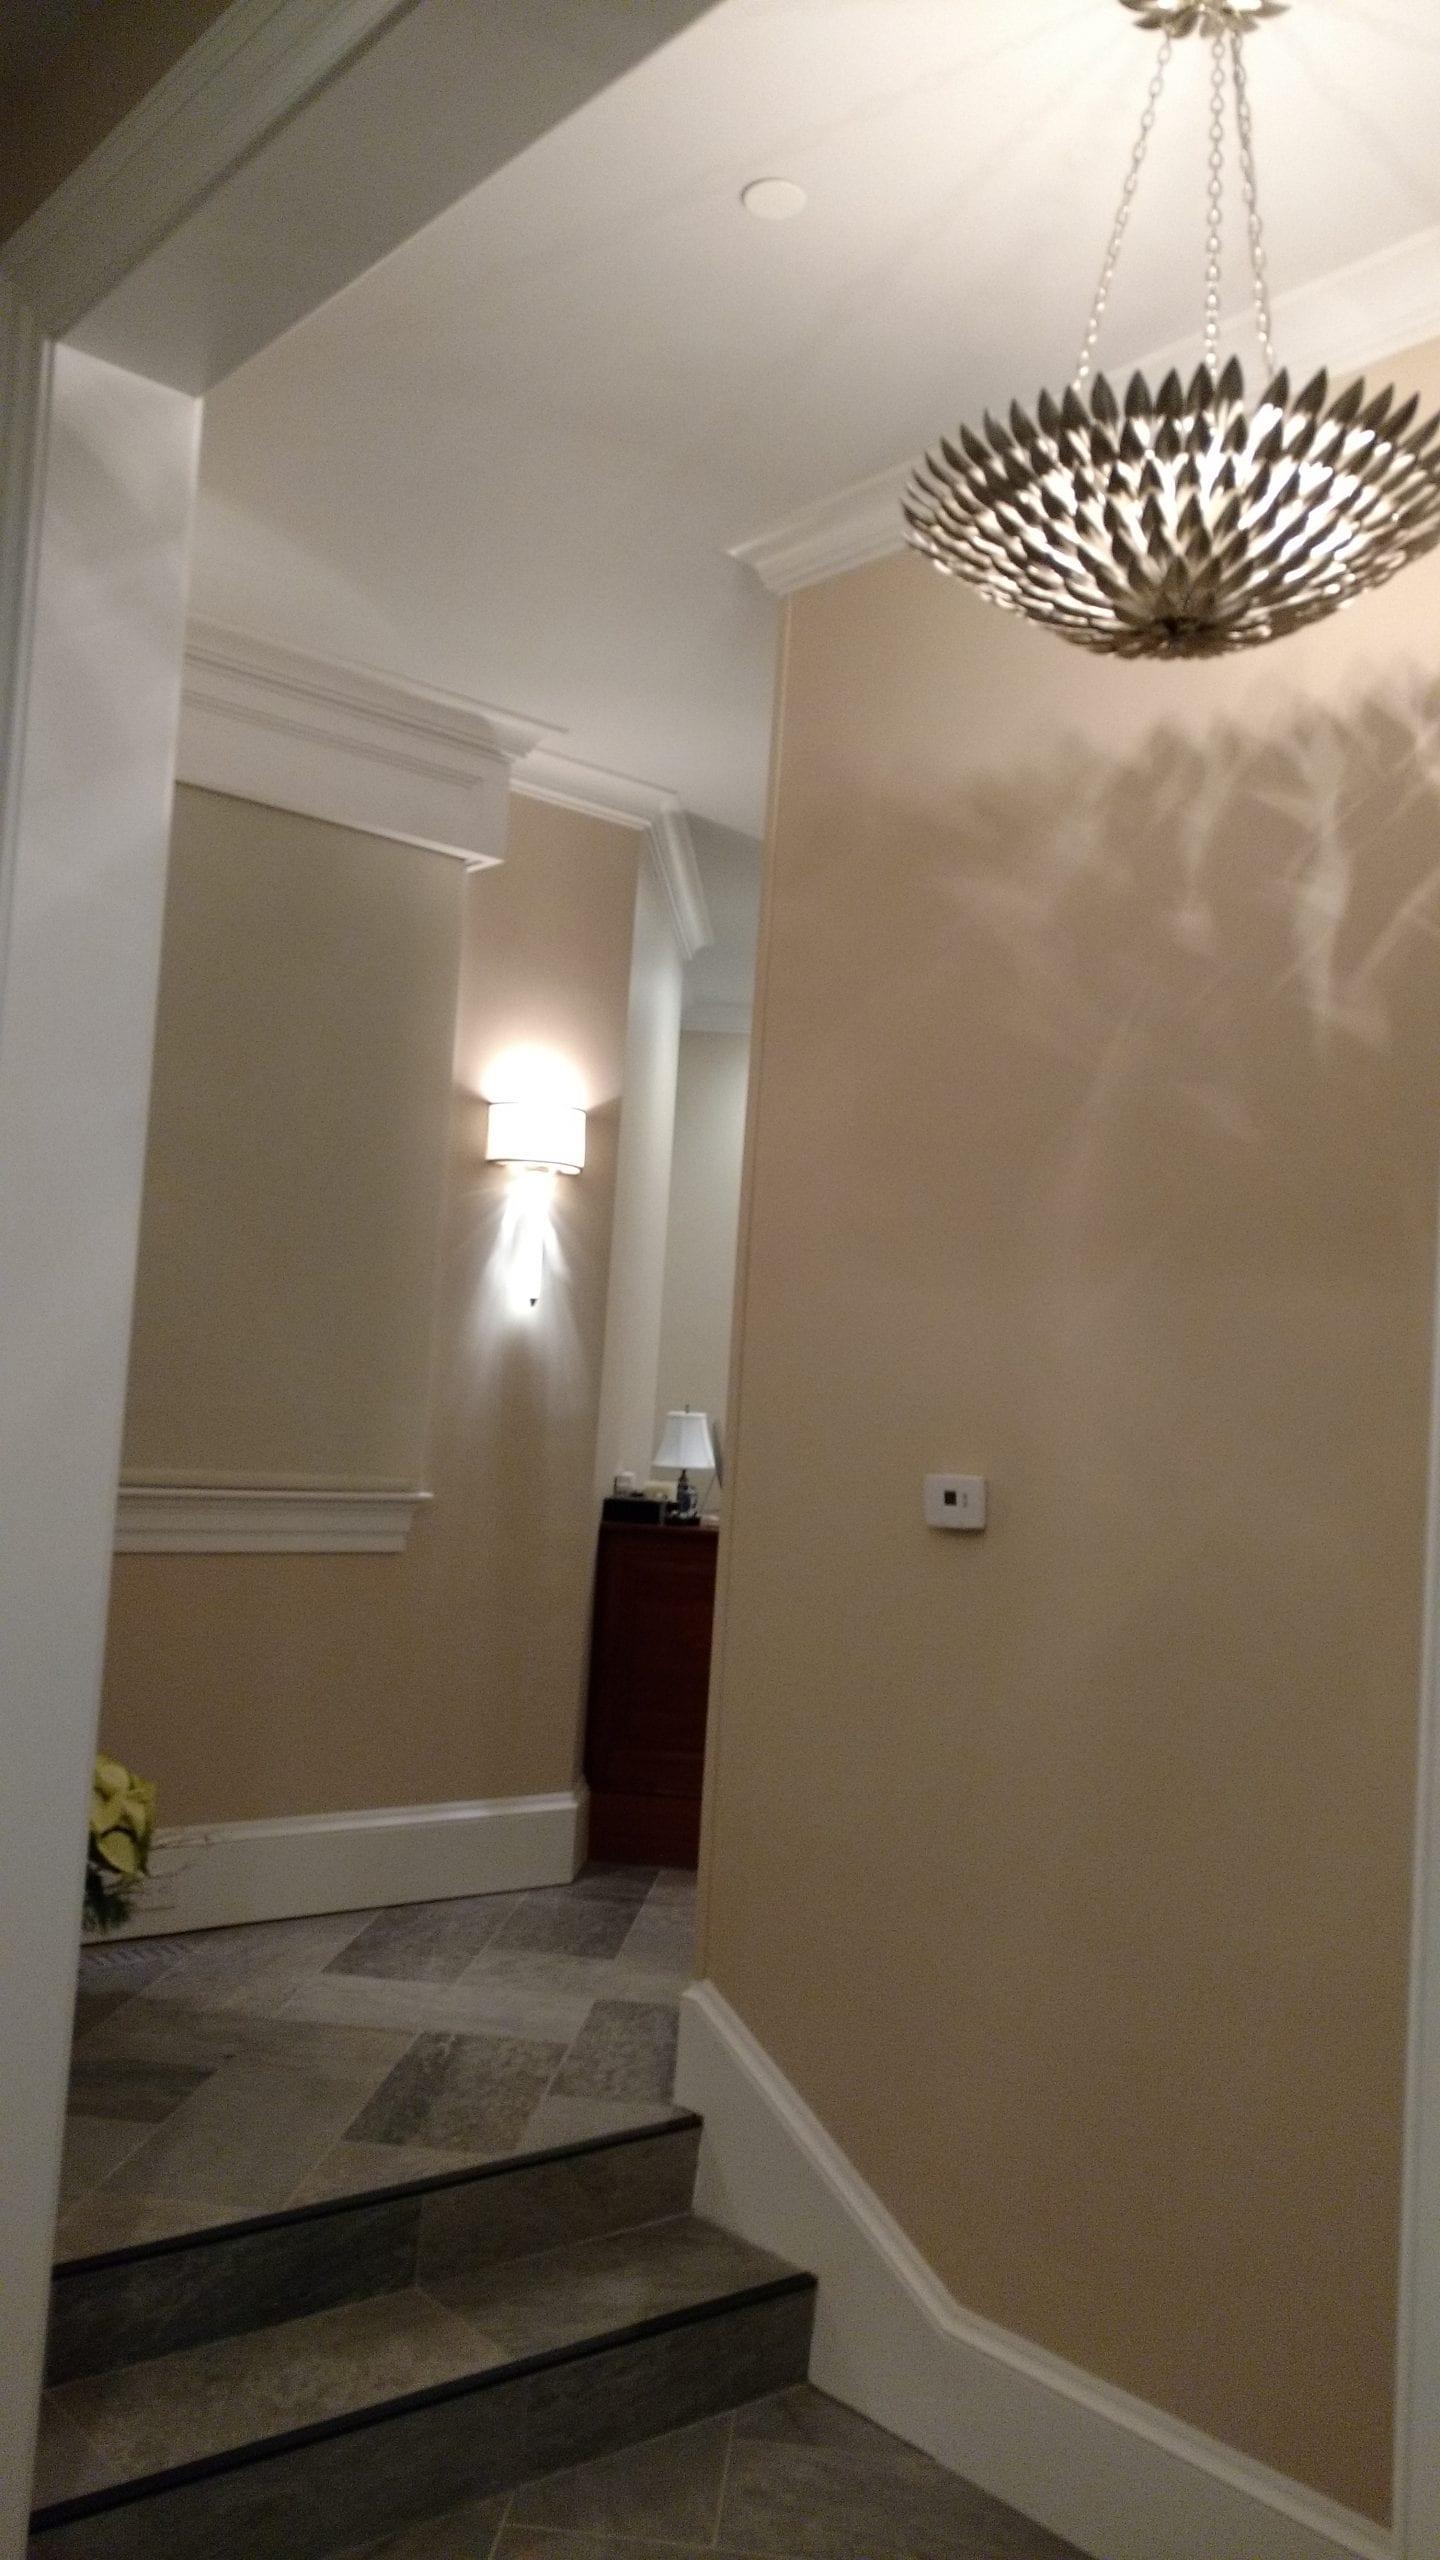 Decorative Lighting Fixture in Foyer